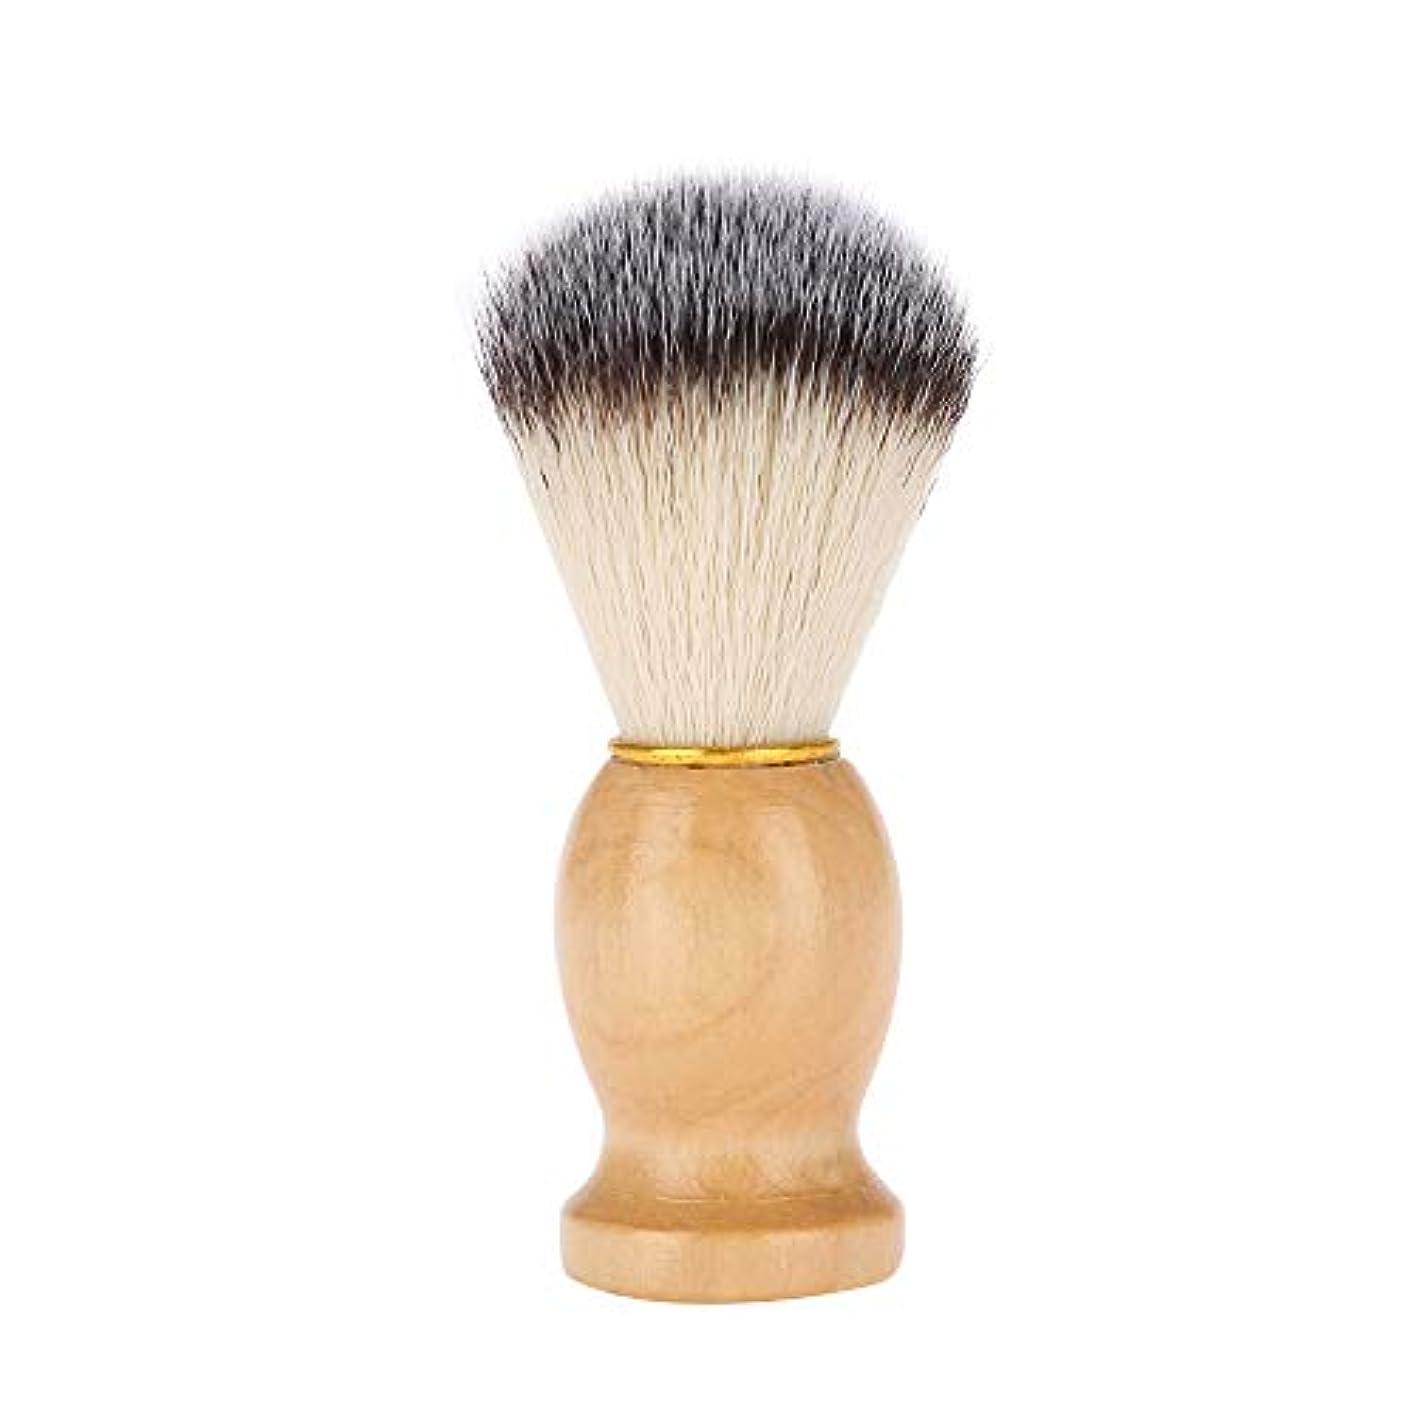 マーカーアデレード品シェービングブラシ 髭剃りブラシ 木製ハンドル+繊維毛 泡立て ひげ剃りツール メンズ理容ブラシ